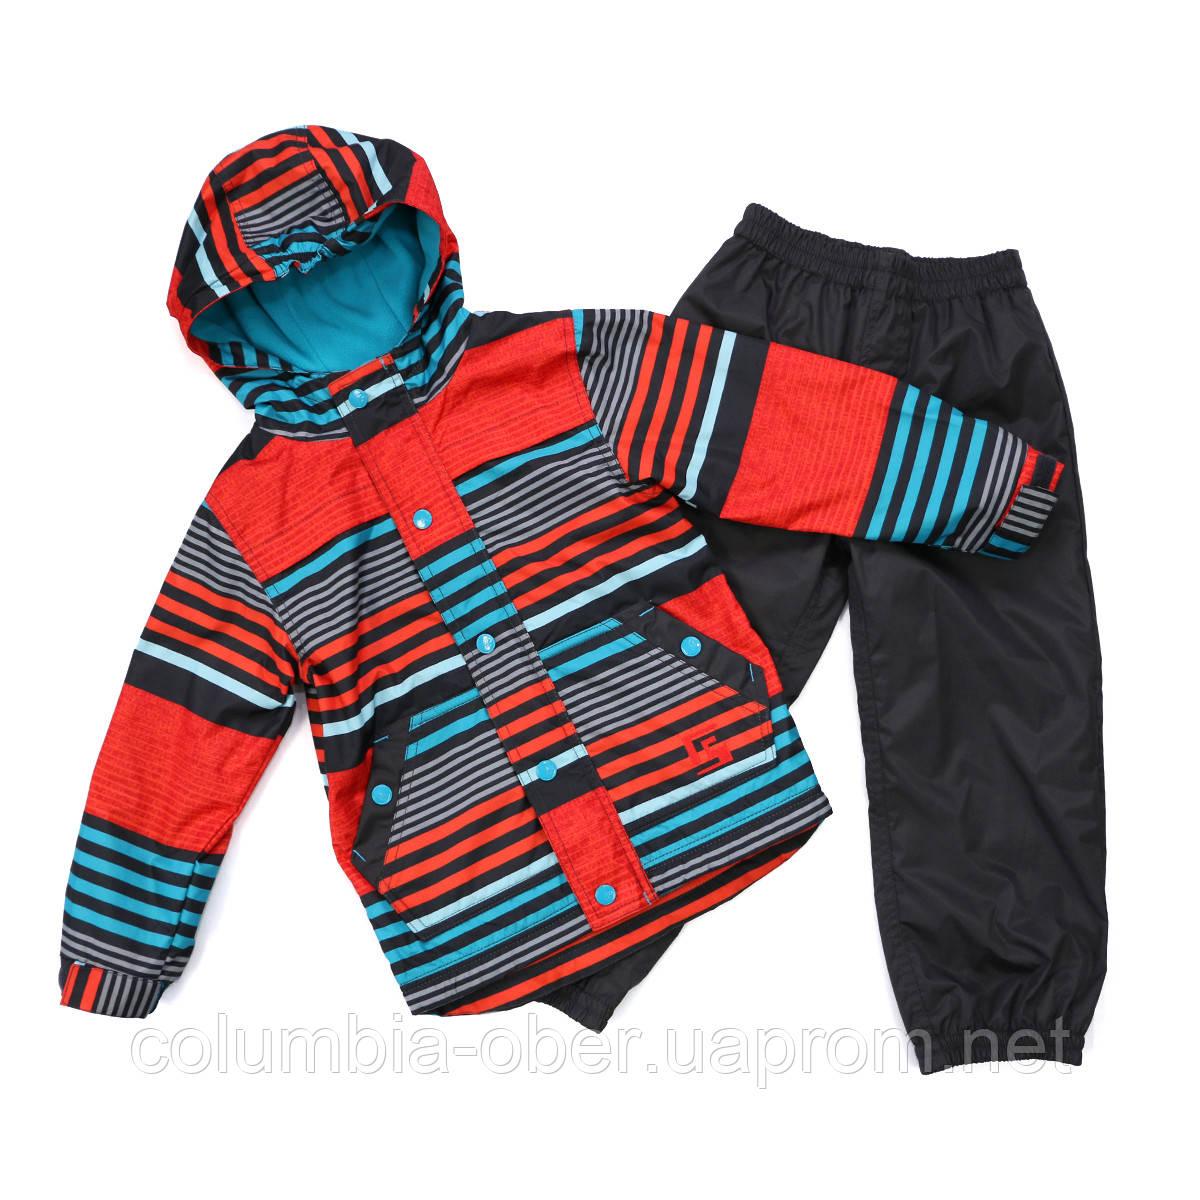 Демисезонный костюм для мальчика Peluche 53 M S17 Sunset. Размер 116.